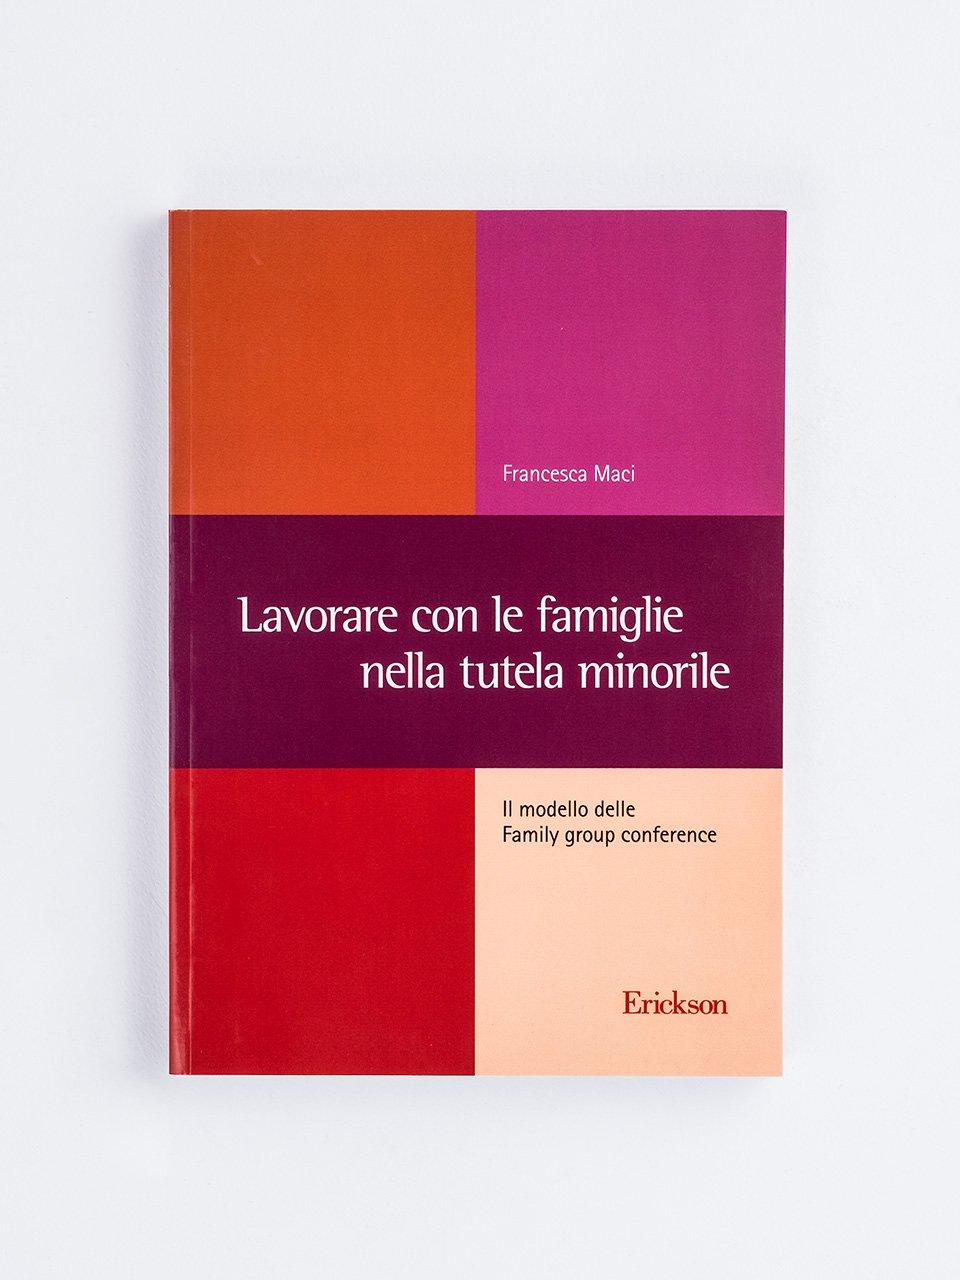 Lavorare con le famiglie nella tutela minorile - Una badante in famiglia - Libri - Erickson